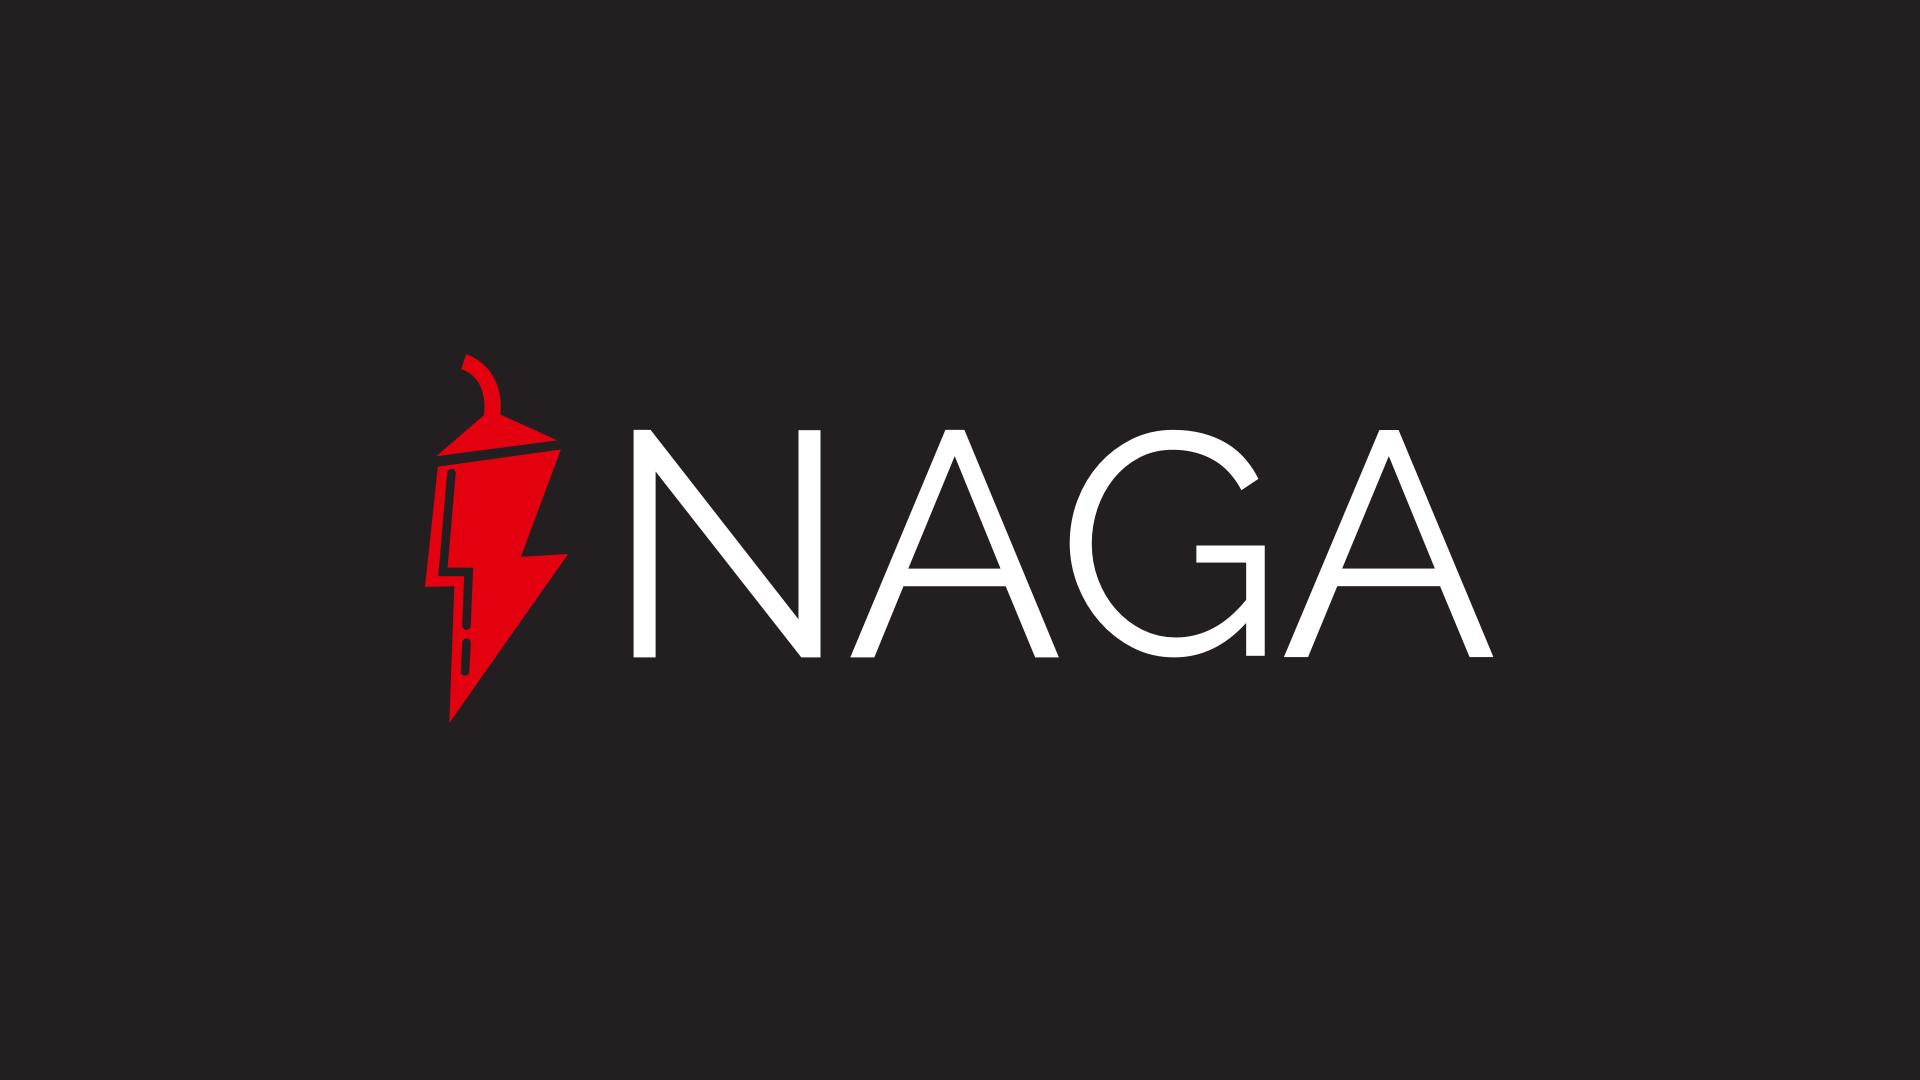 Naga, NGC, Naga coin